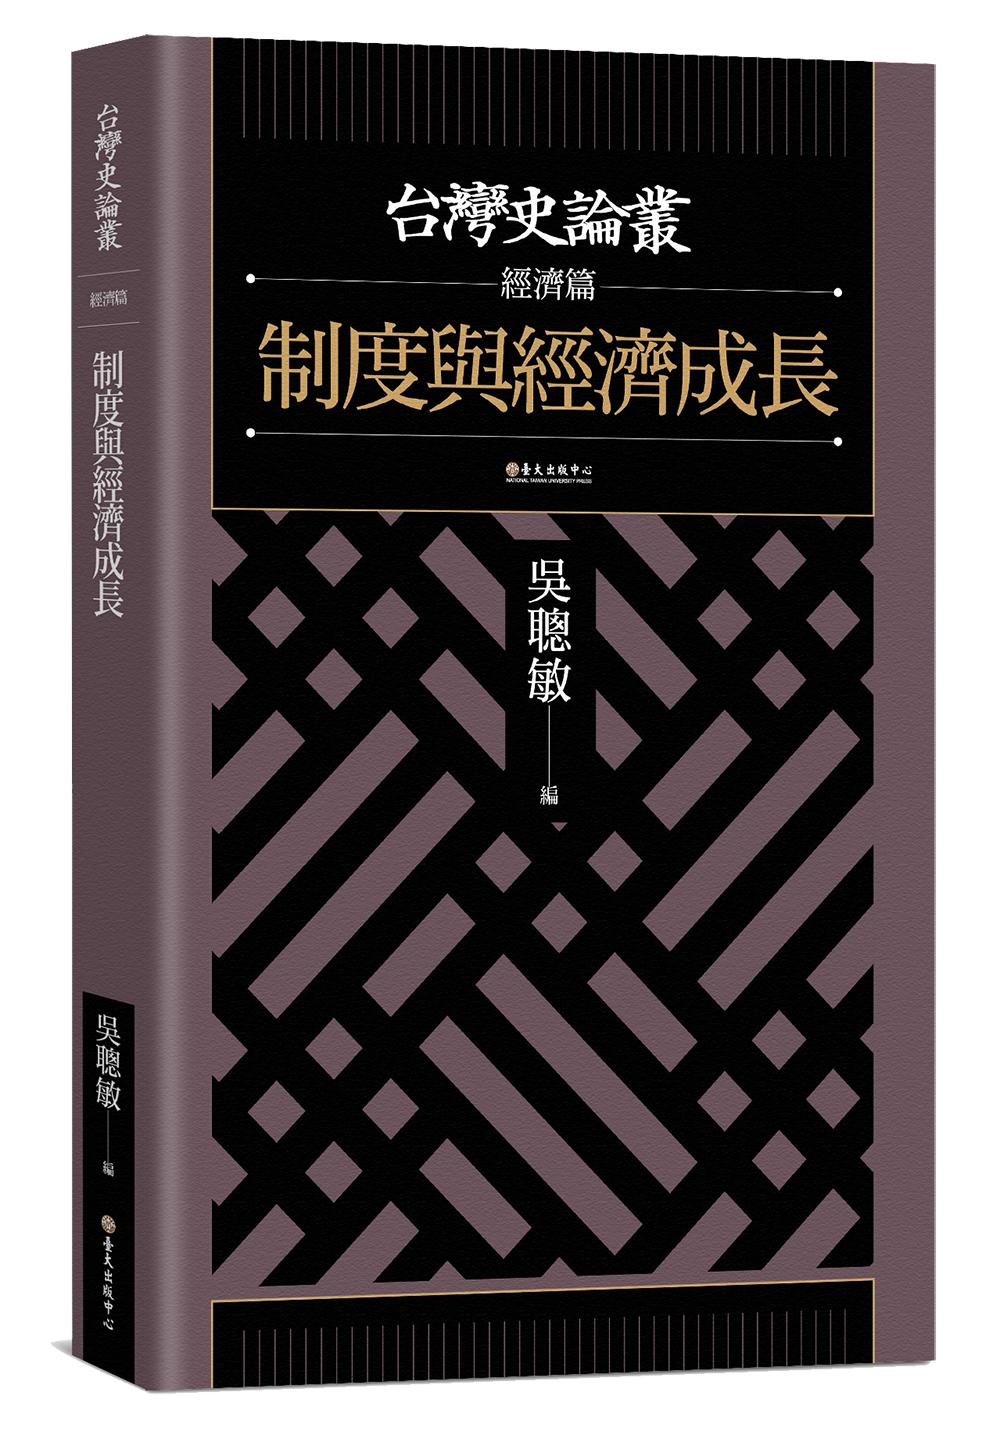 制度與經濟成長(台灣史論叢 經濟篇)